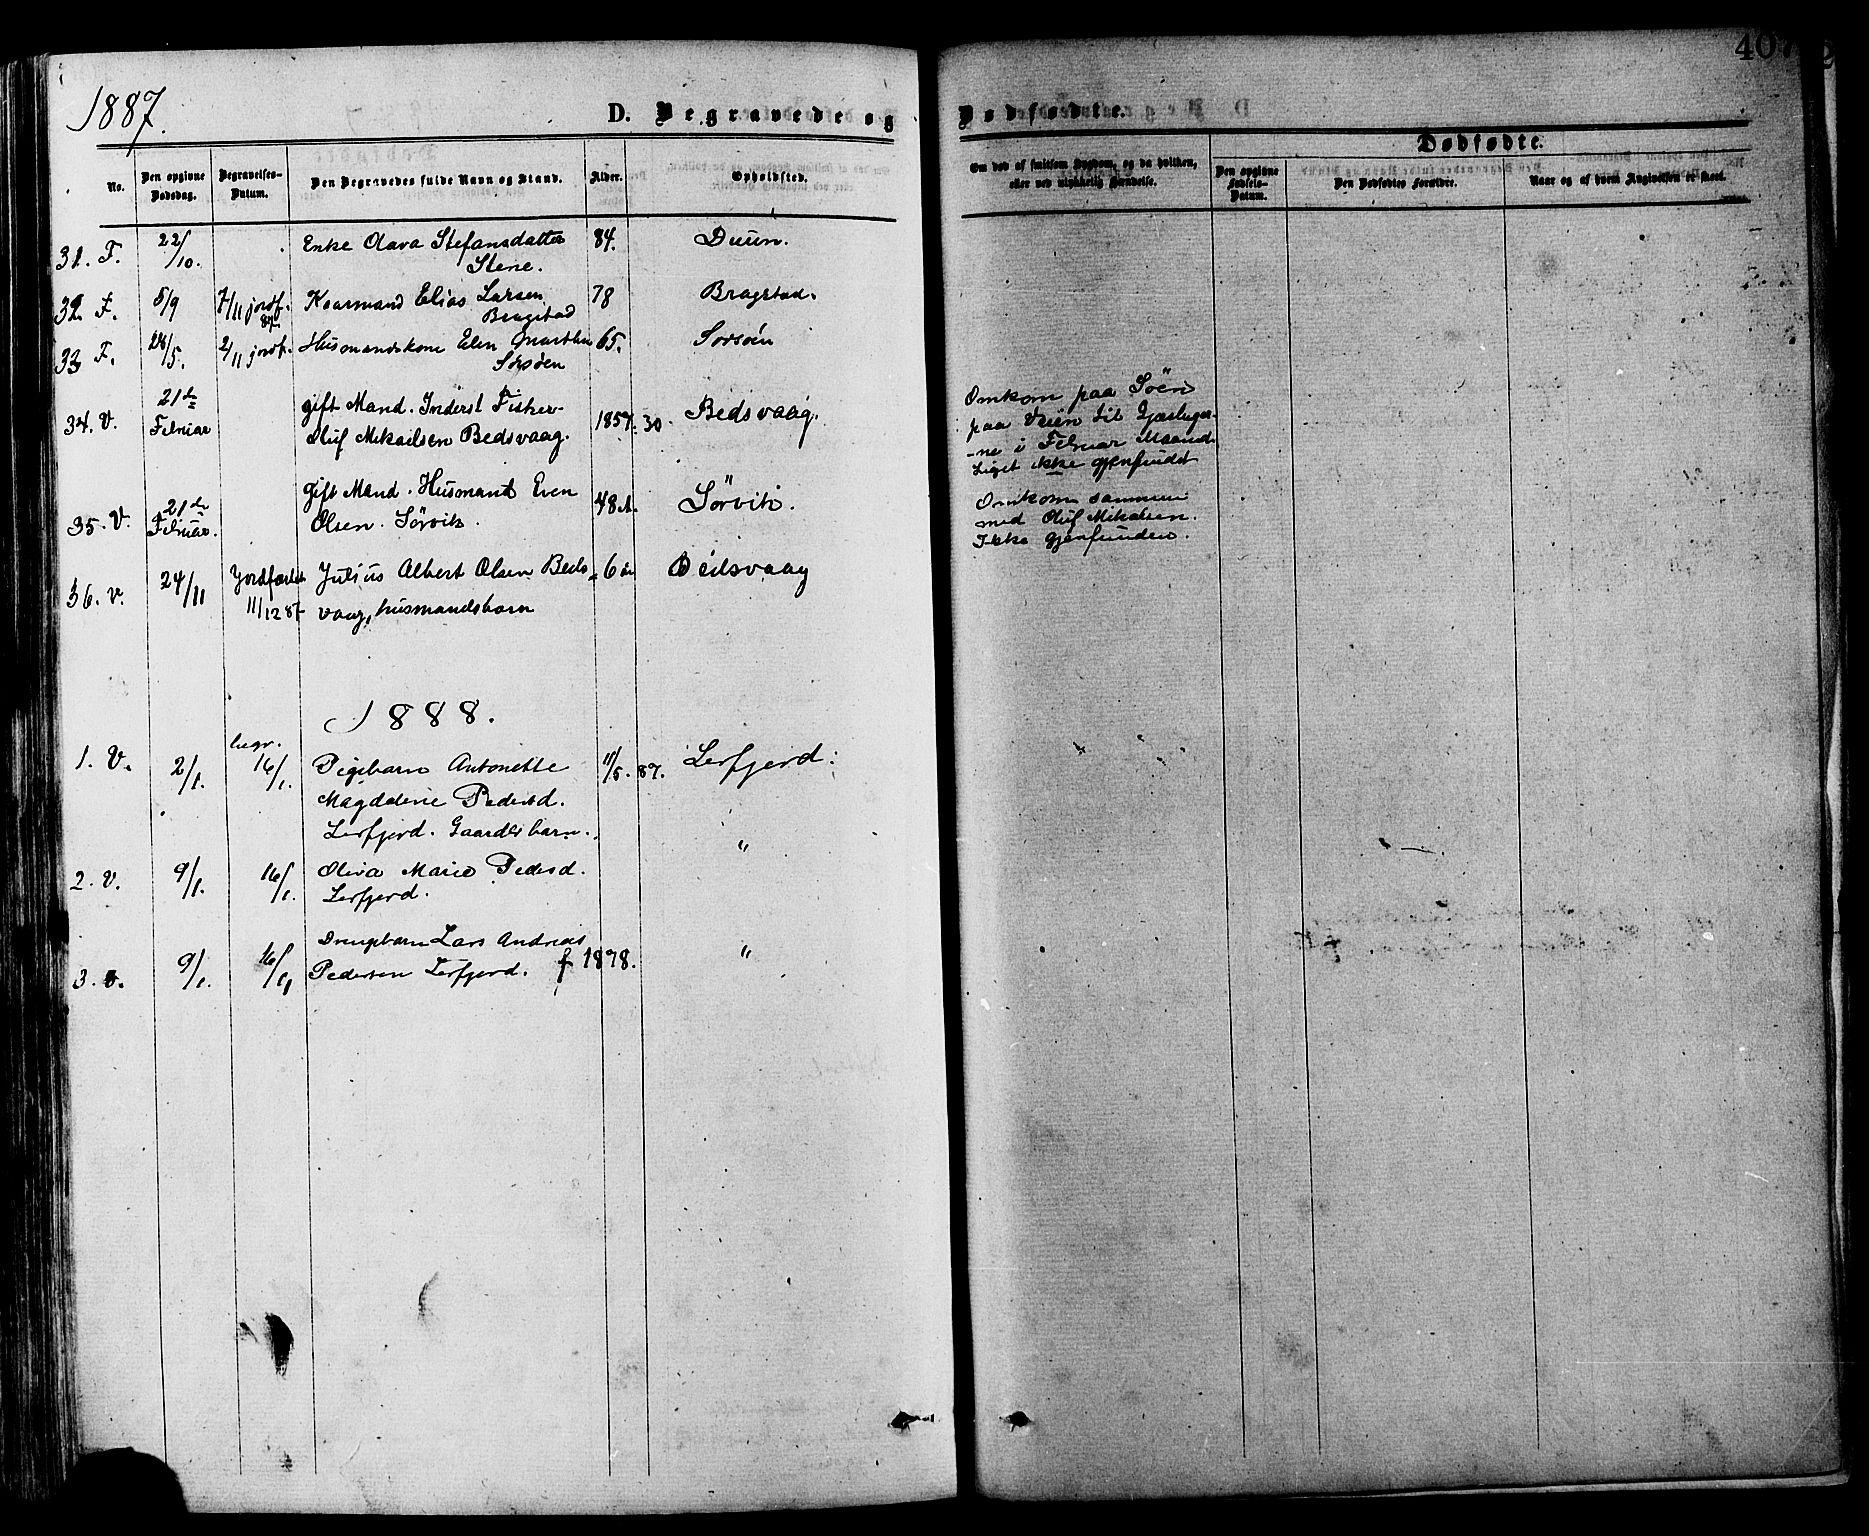 SAT, Ministerialprotokoller, klokkerbøker og fødselsregistre - Nord-Trøndelag, 773/L0616: Ministerialbok nr. 773A07, 1870-1887, s. 407